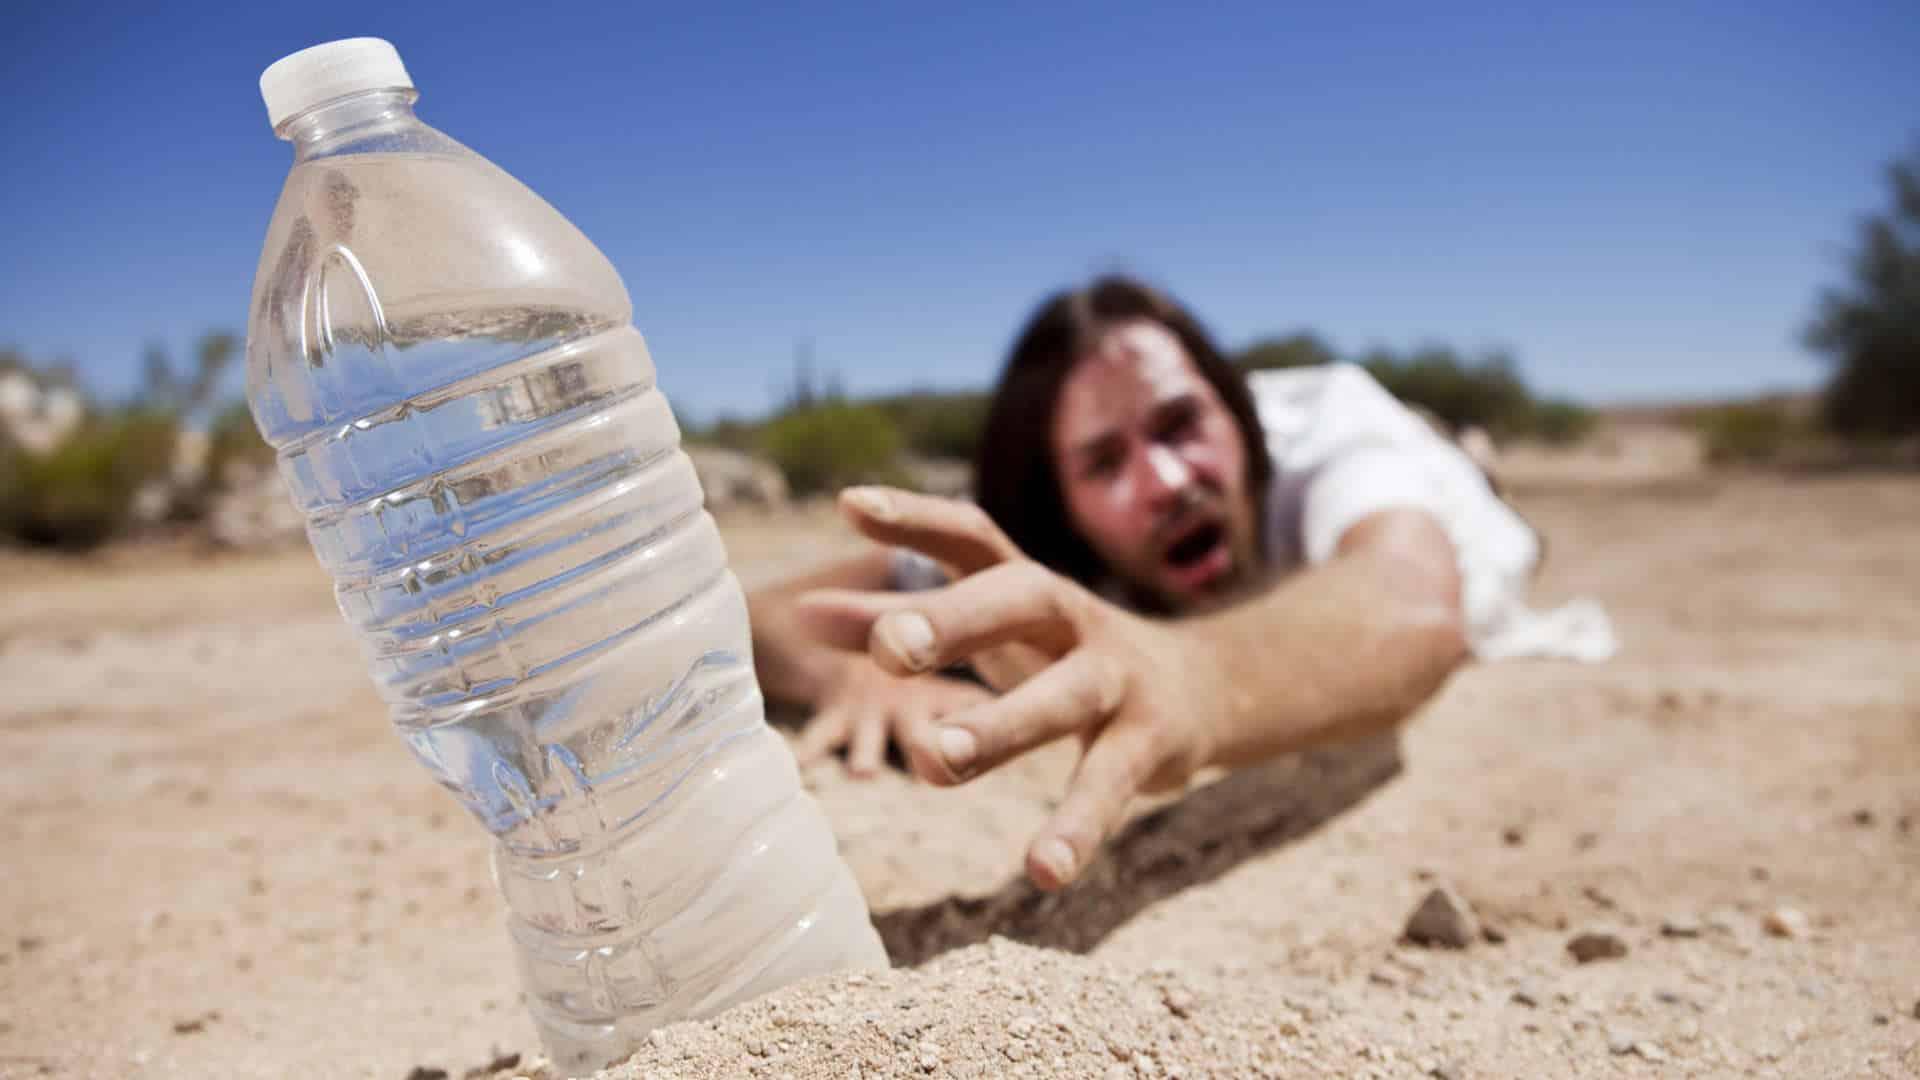 Doenças do verão - Quais as mais comuns e como preveni-las?